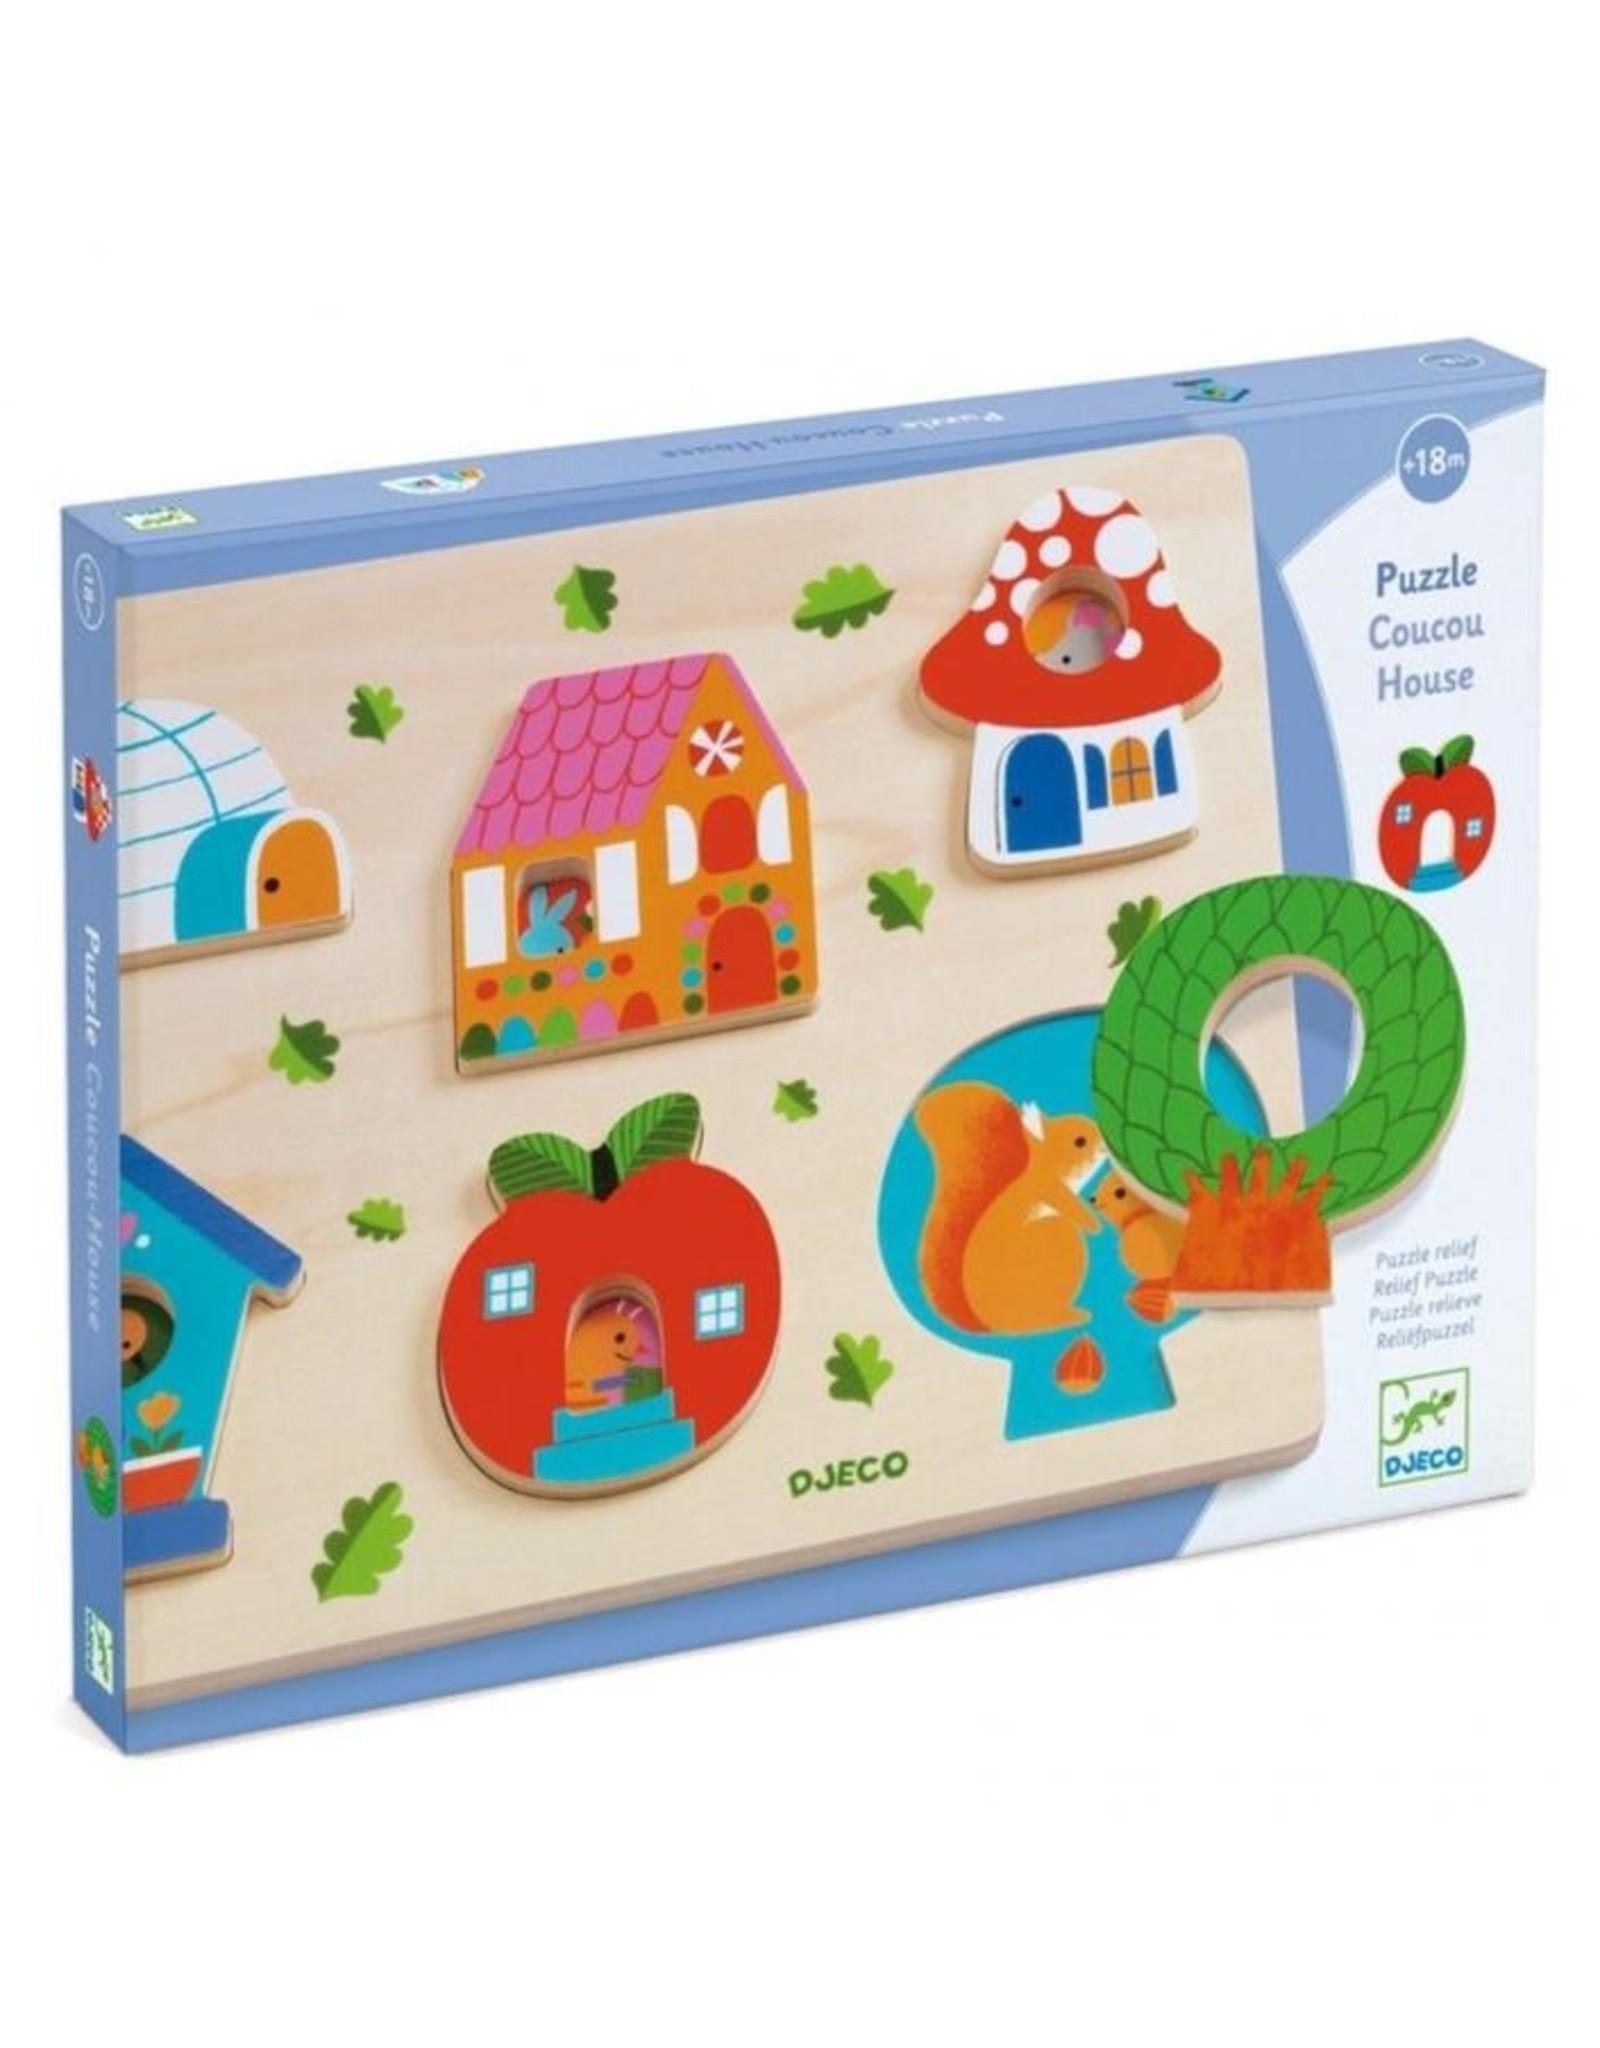 Djeco puzzel Coucou House